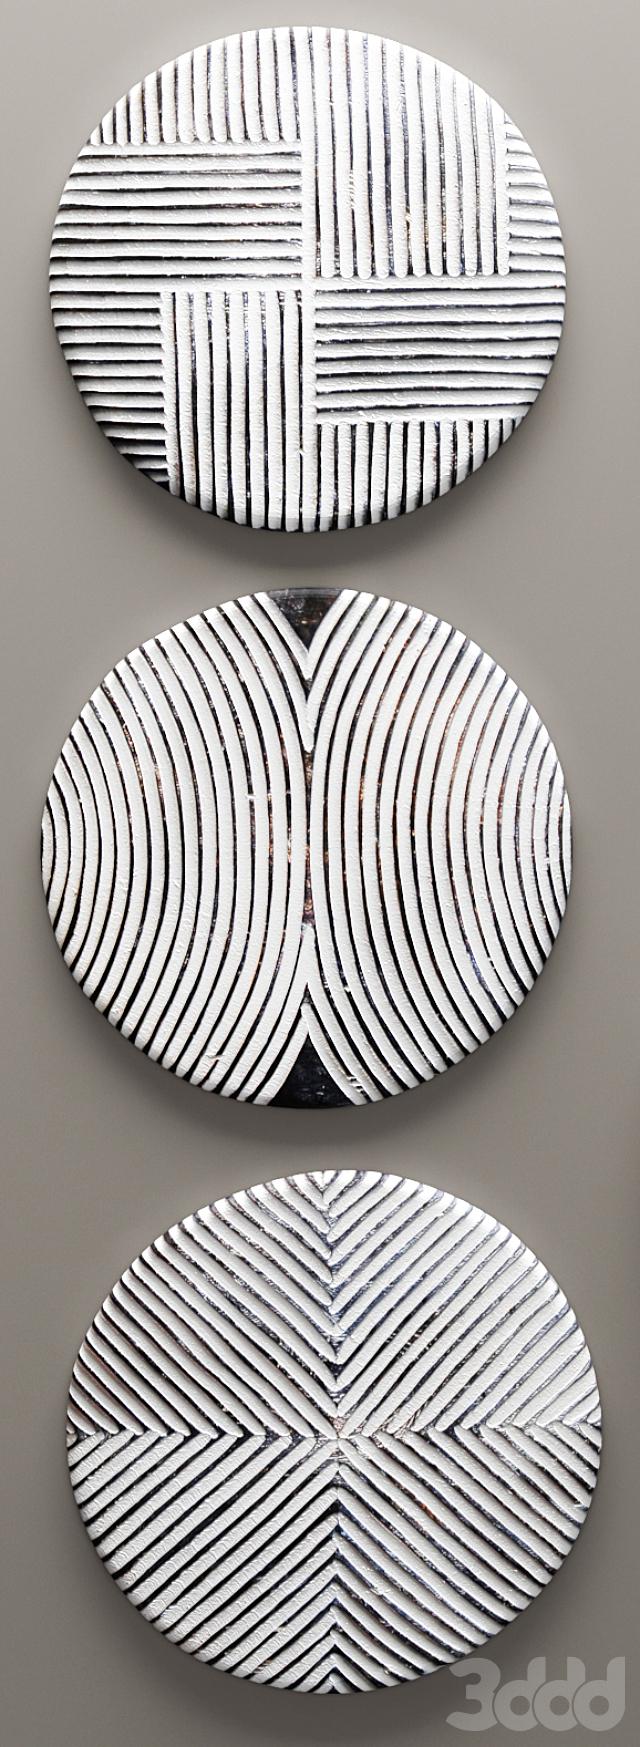 Design Mix Furniture. Zulu Shield.